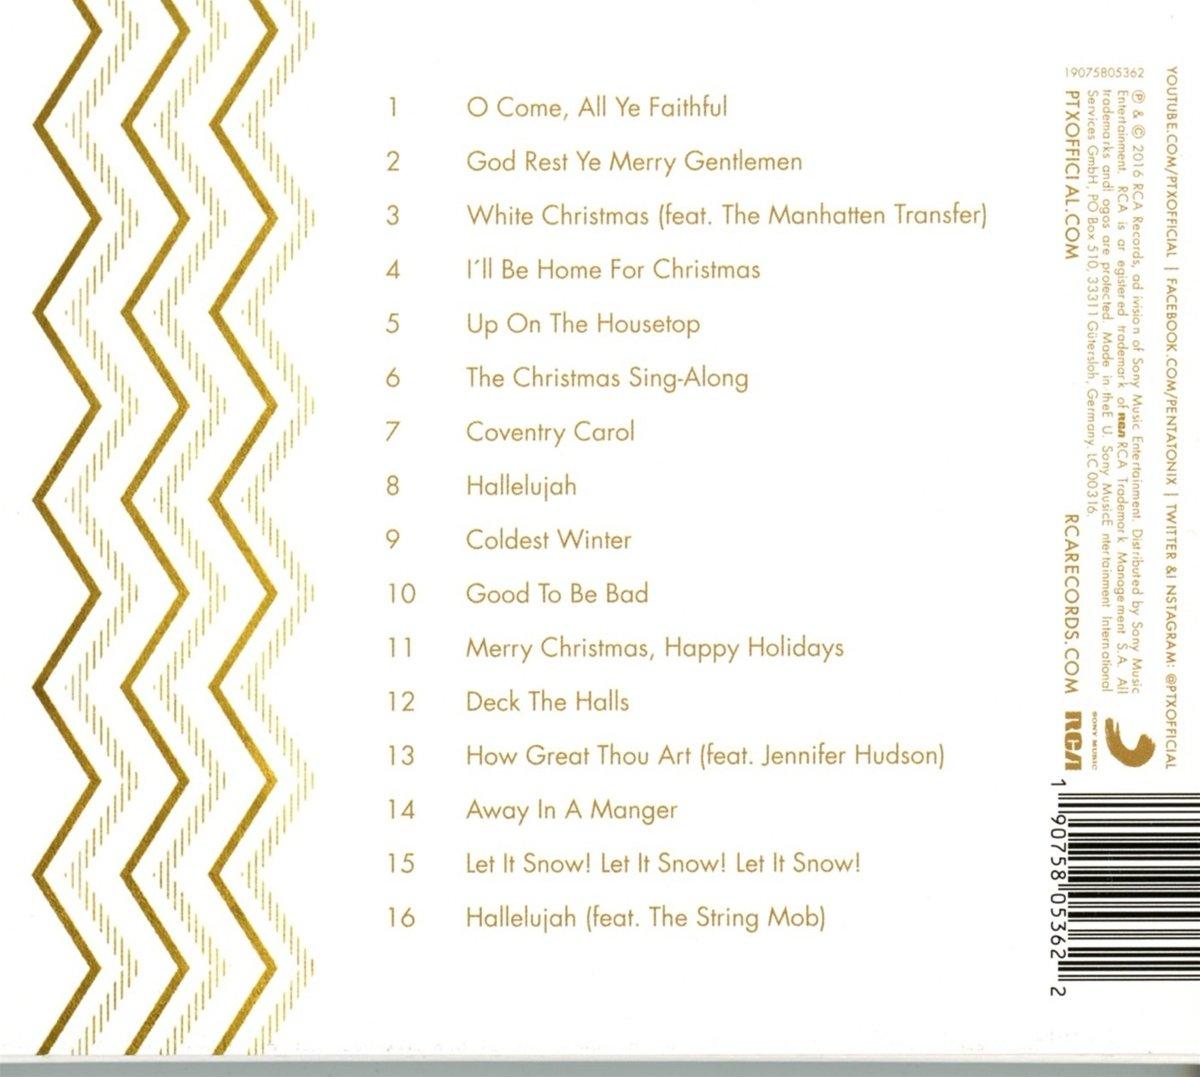 Pentatonix - Pentatonix Christmas Deluxe - Amazon.com Music